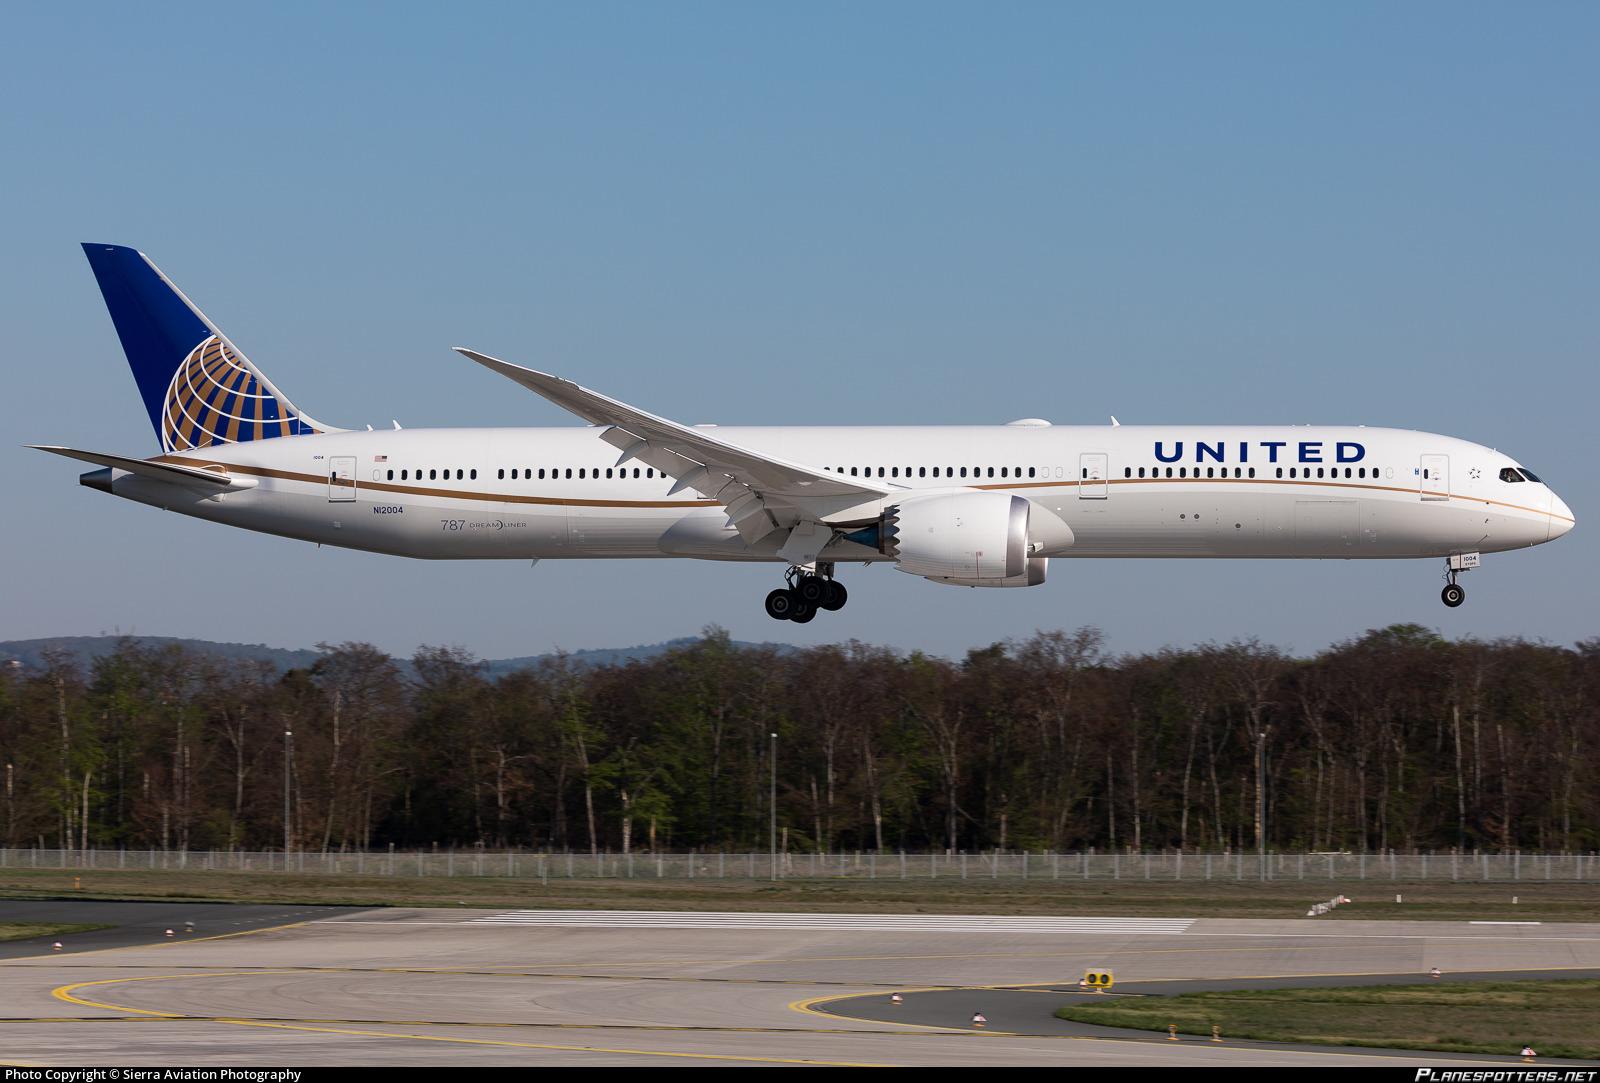 787 10 Dreamliner >> N12004 United Airlines Boeing 787 10 Dreamliner Photo By Sierra